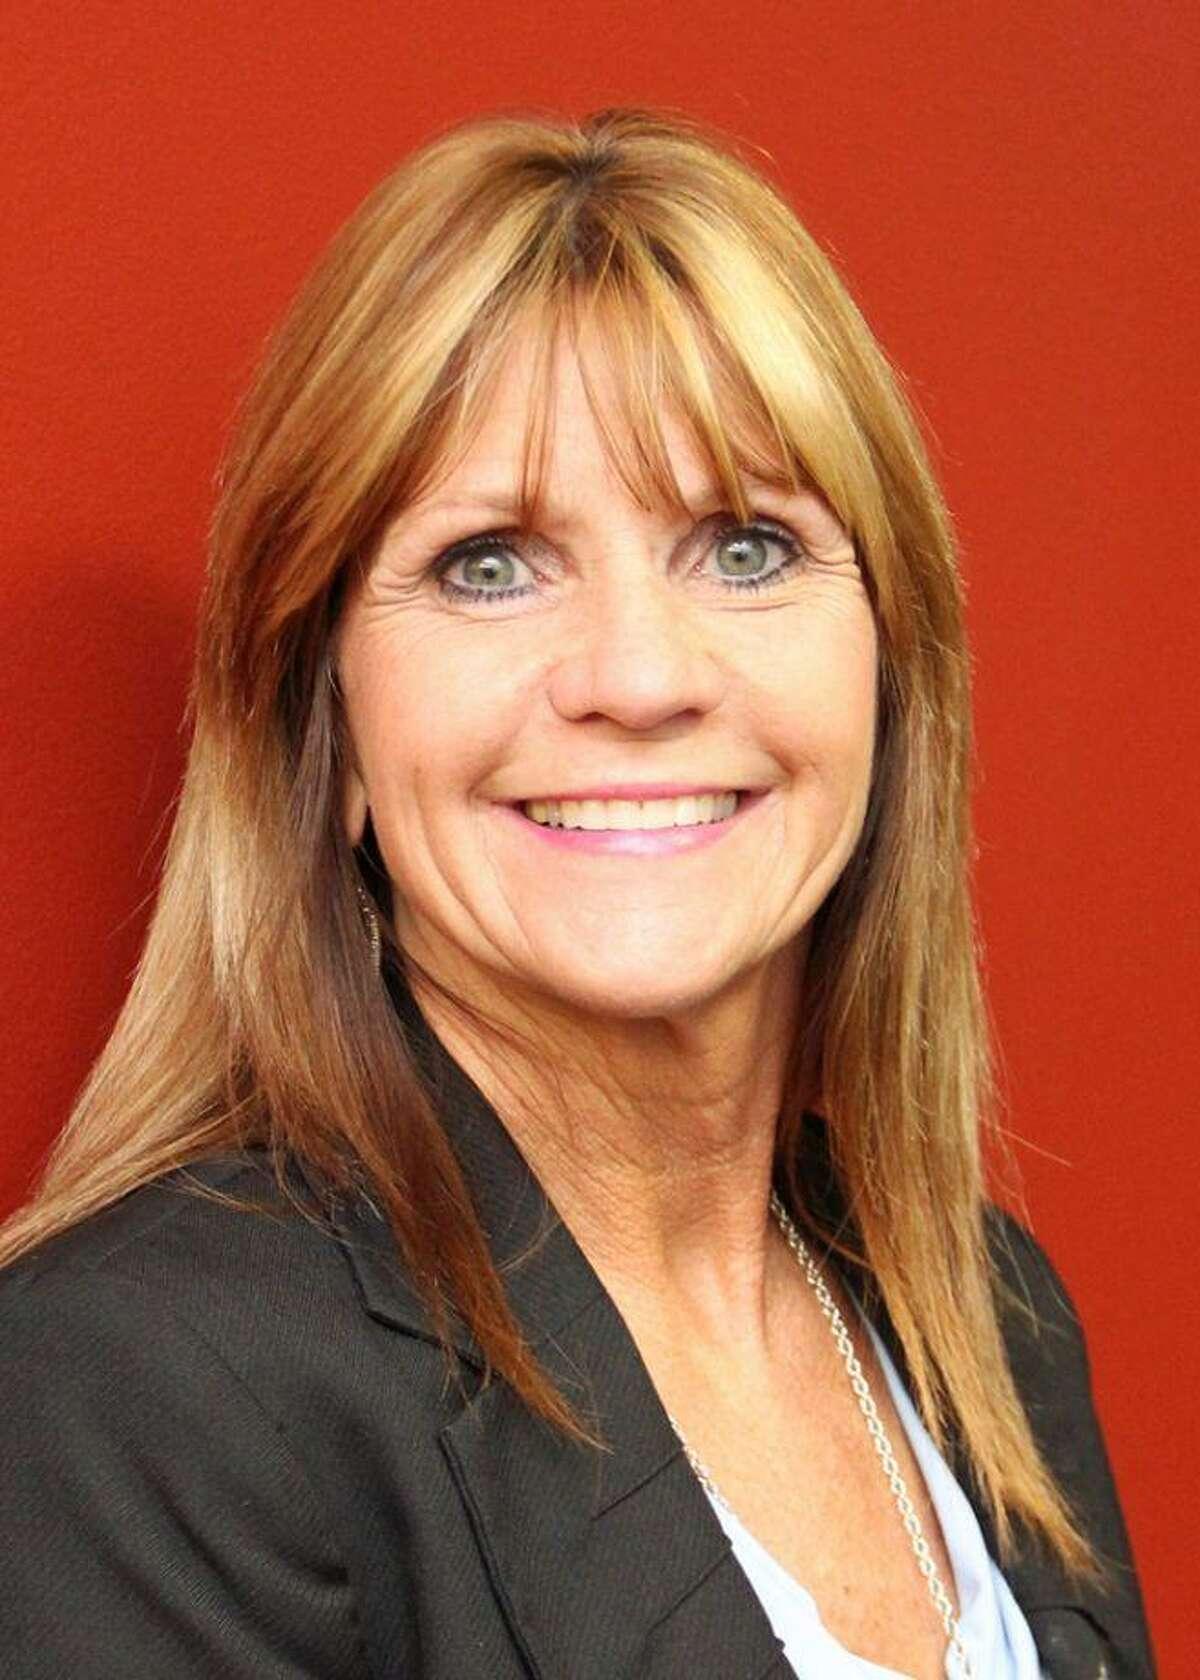 39. Dawson High School Principal: Kelly Holt Salary:$132,660.00 School district: Pearland ISD